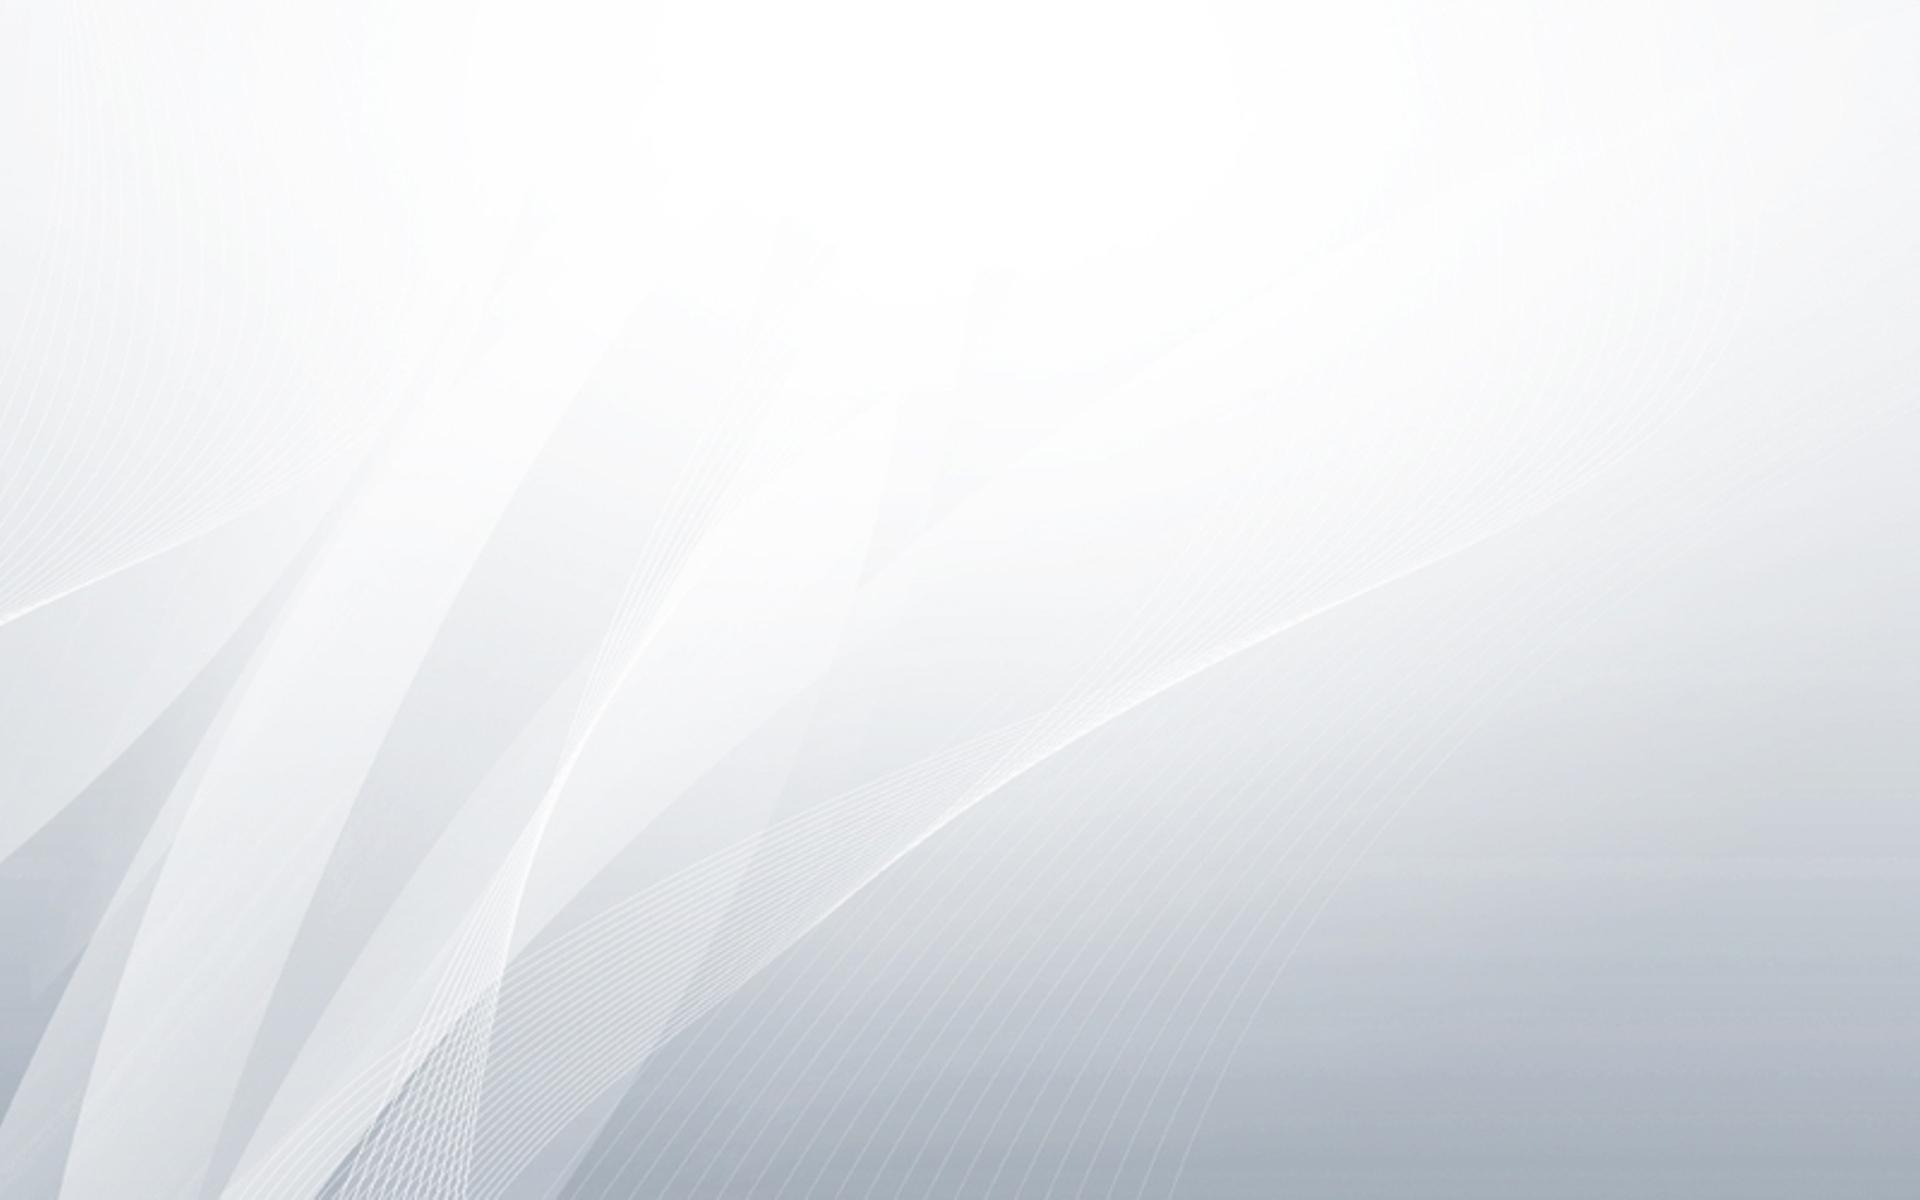 بالصور خلفية بيضاء ساده , اجمل خلفيات بيضاء 2761 9